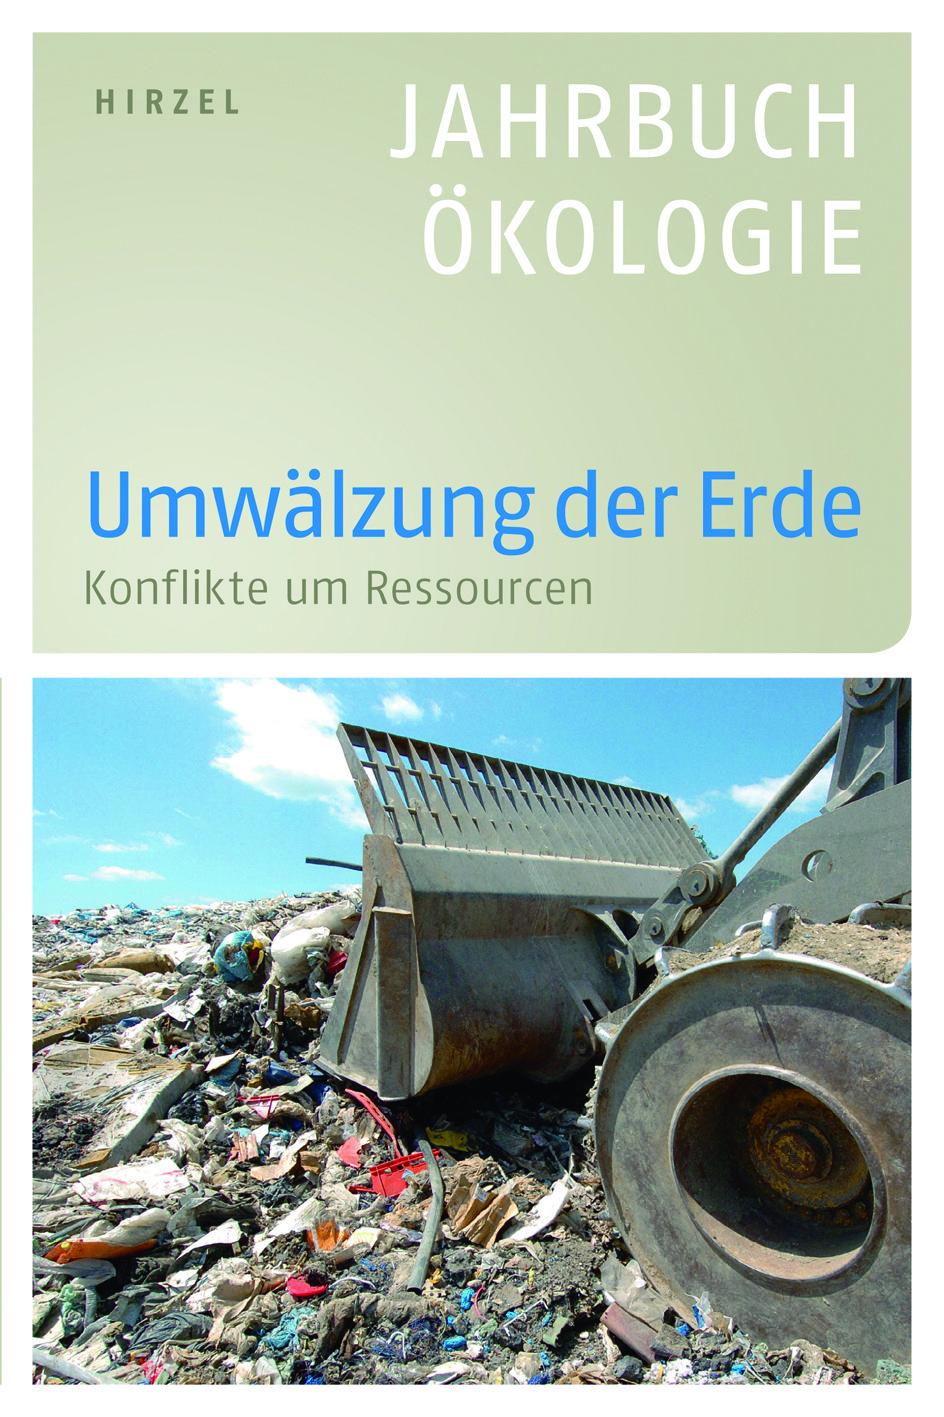 """""""Jahrbuch Ökologie 2010. Umwälzung der Erde. Konflikte um Ressourcen"""" erschienen im S. Hirzel Verlag!"""